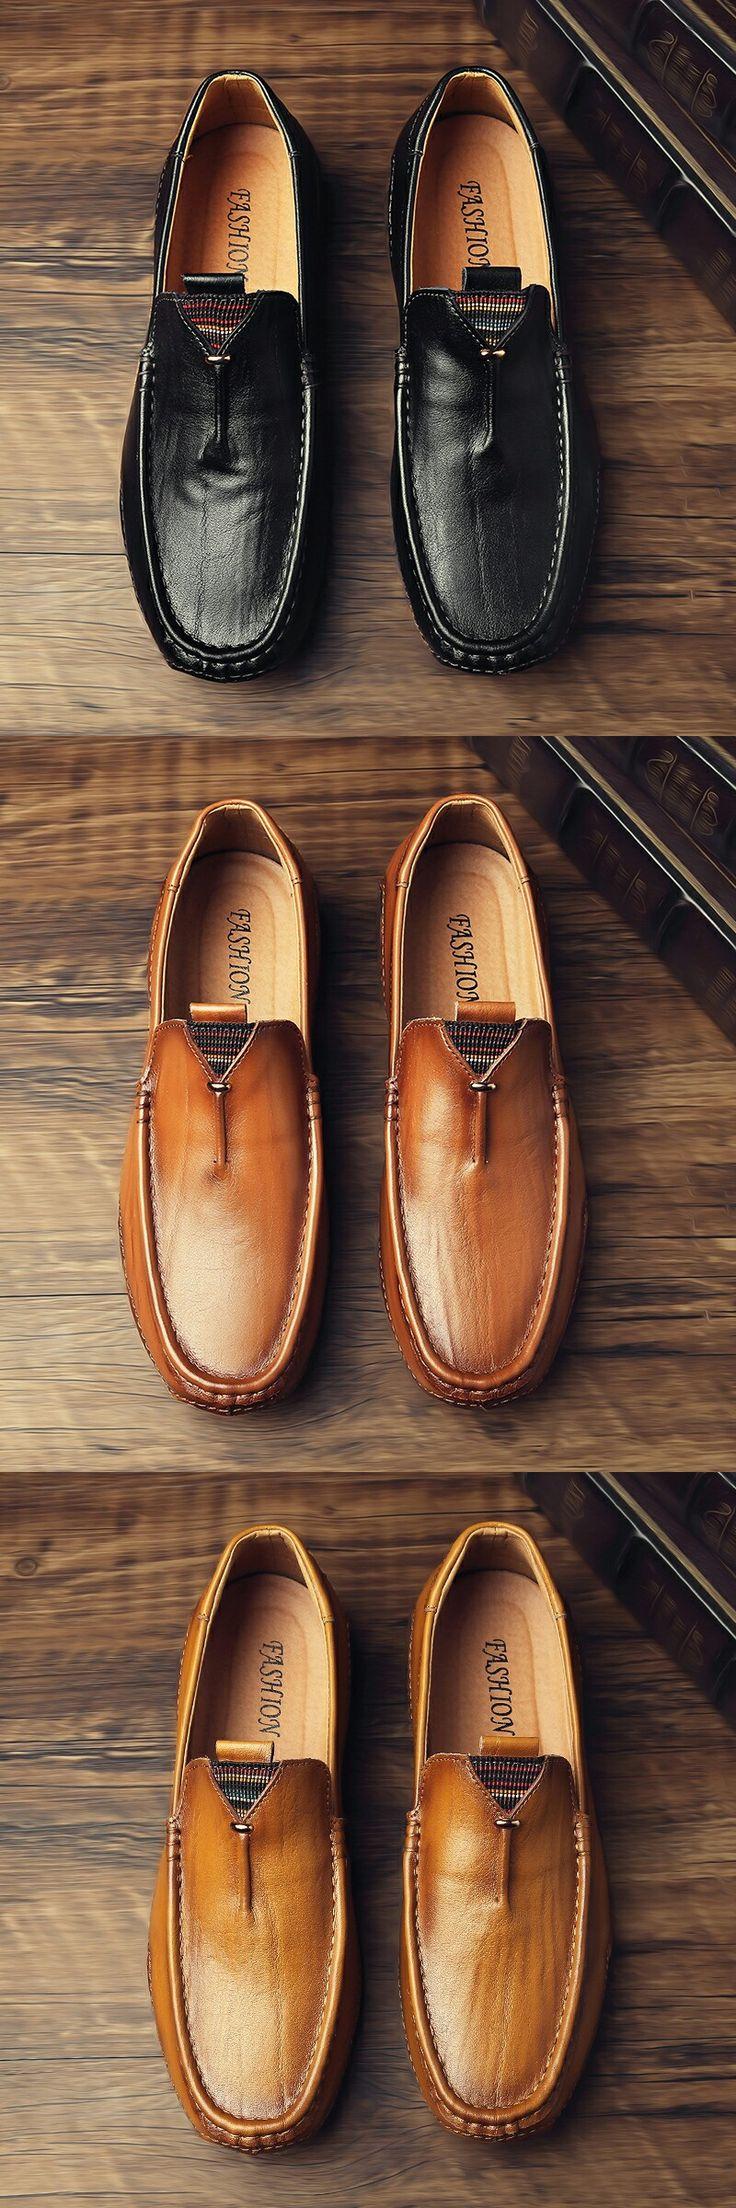 Zapatos de cuero Prelesty Hombres Mocasines ocasionales de cuero genuino de vaca Zapatos antideslizantes de conducción   – Shoes